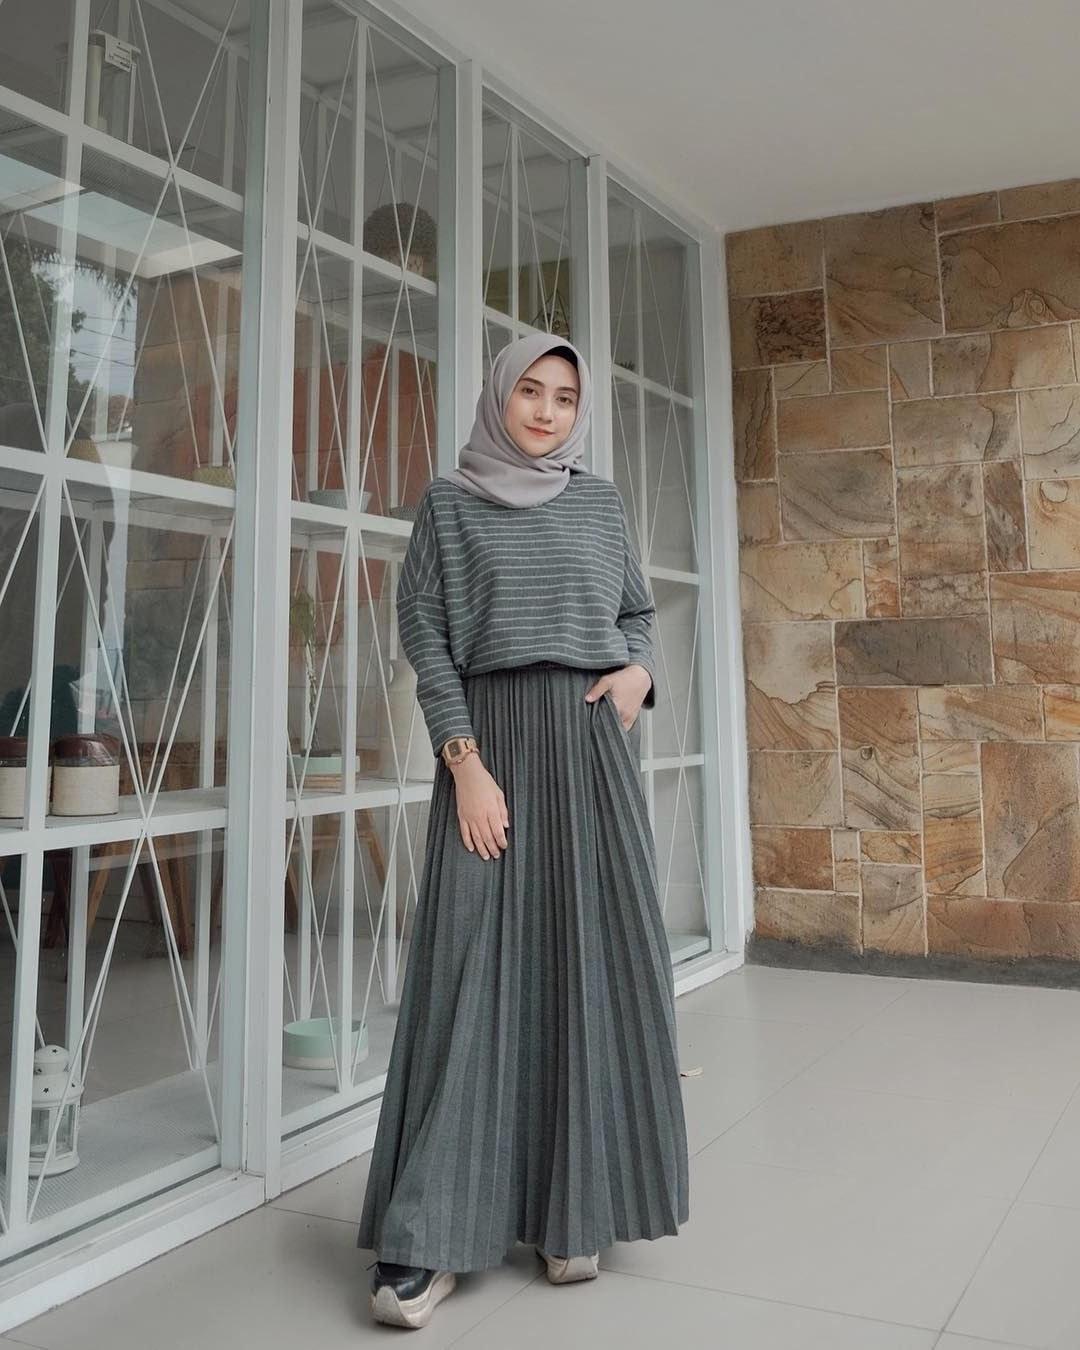 Model Gaya Baju Lebaran 2019 3id6 Baju Muslim Lebaran Terbaru 2019 Dengan Gambar